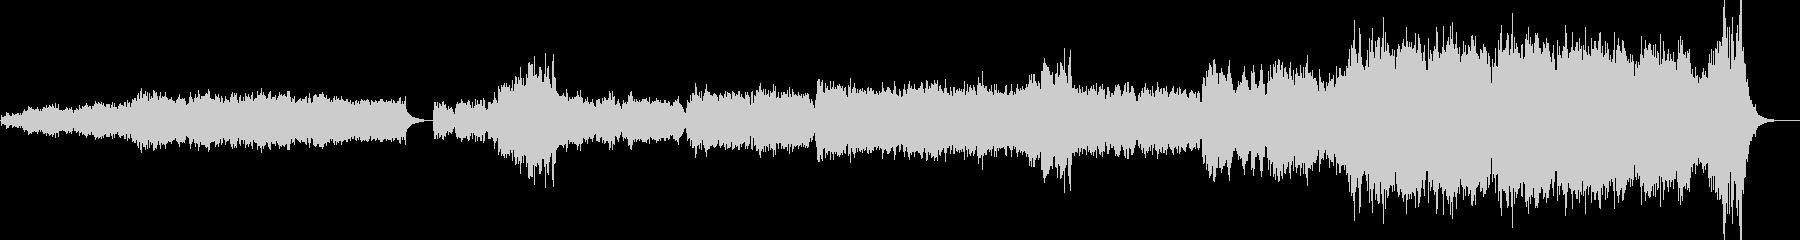 短調オリジナルオーケストラ楽曲の未再生の波形